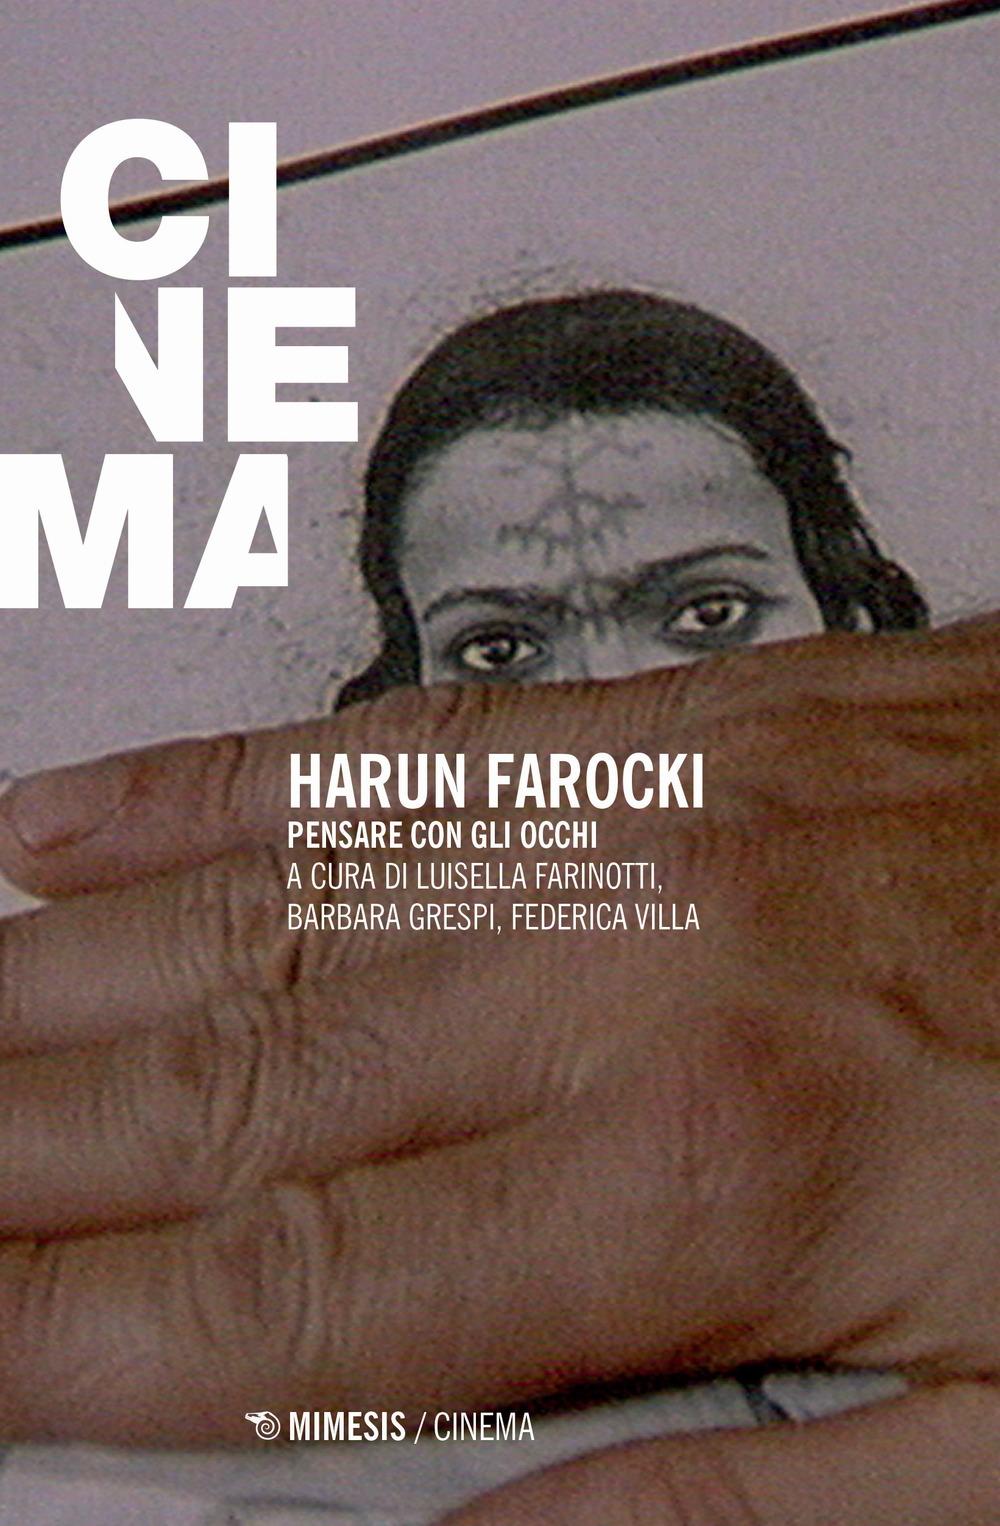 Harun Farocki. Pensare con gli occhi